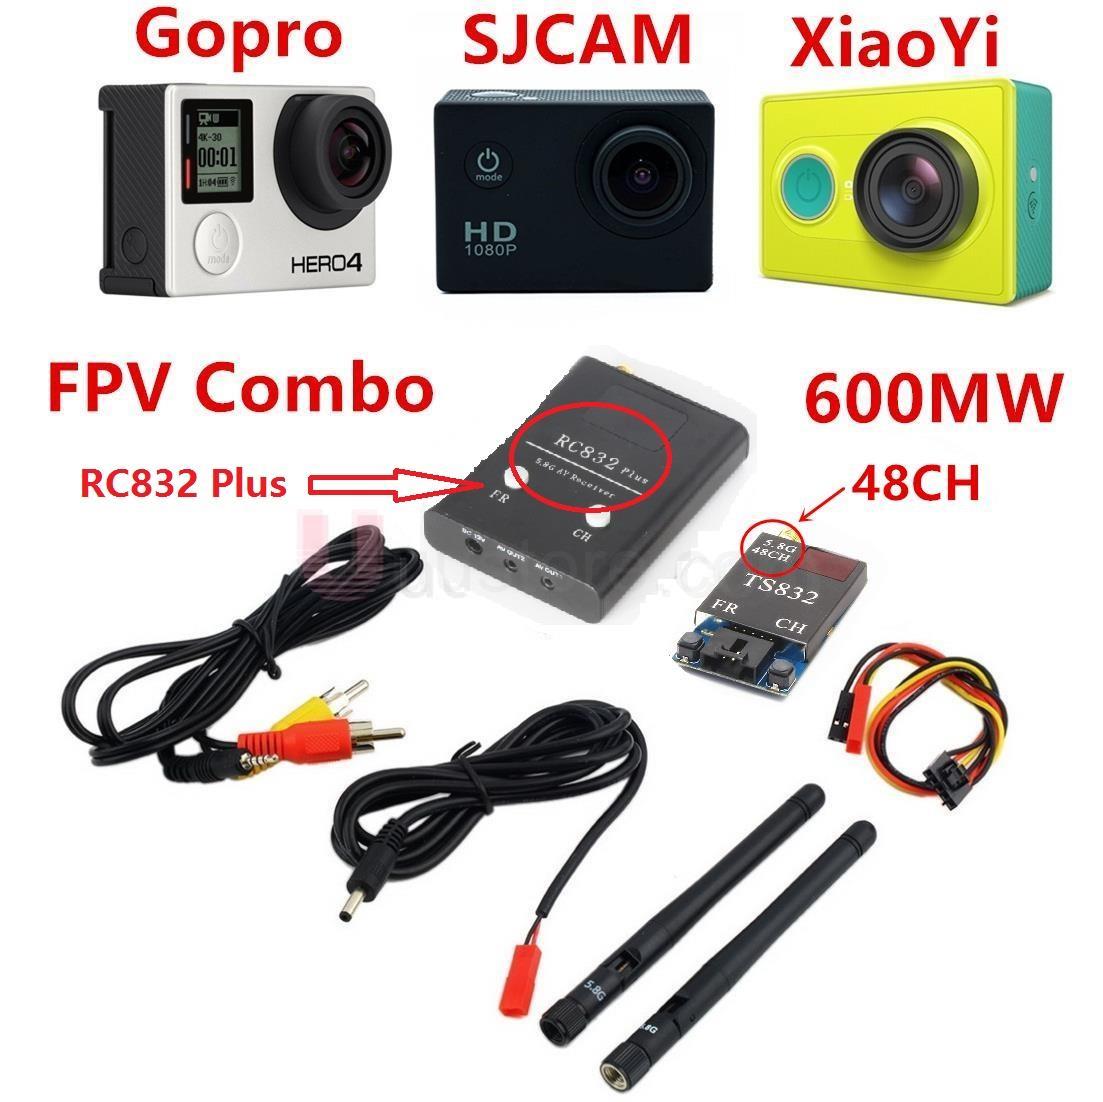 FPV sistema boscam 5.8 GHz 600 MW 48ch ts832 transmisor y receptor rc832 más FPV sistema para qav210 qav250 drone quadcopter Walkera